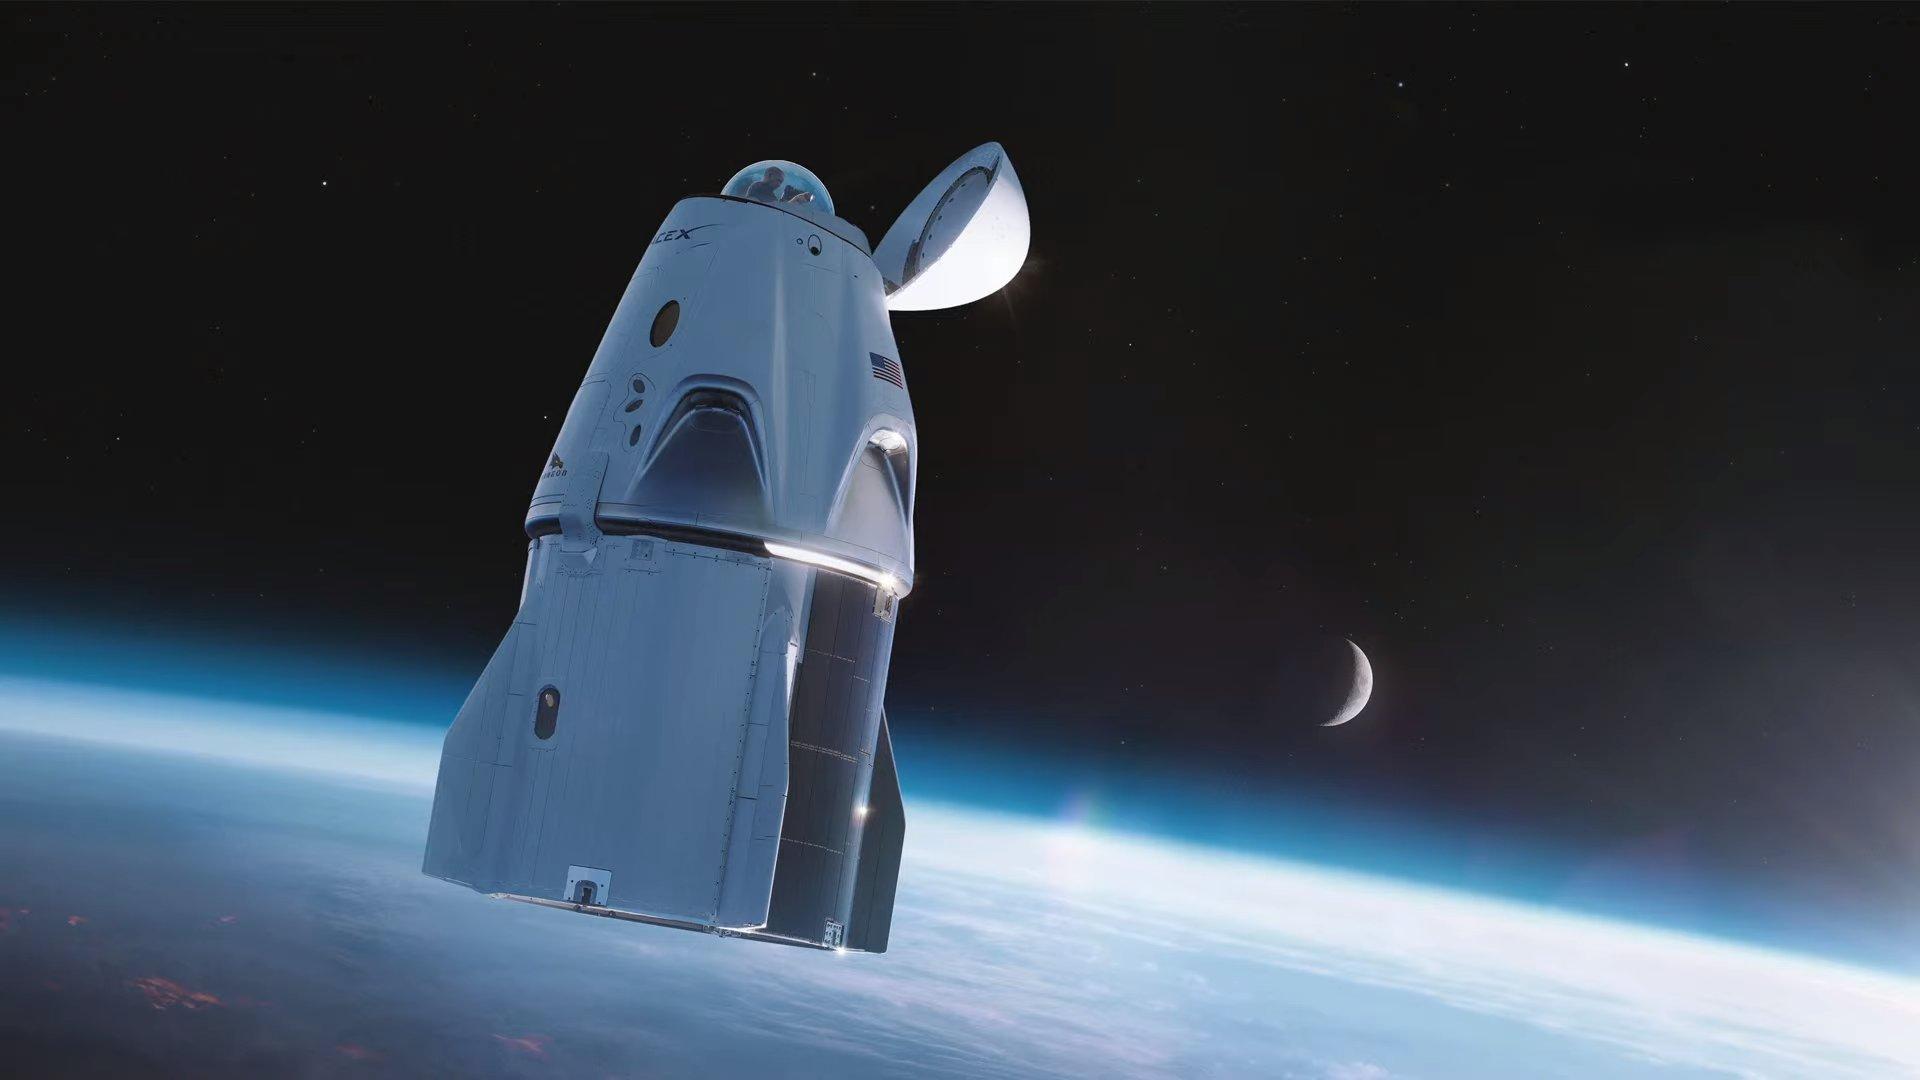 La cupola della capsula Dragon che verrà usata per la missione Inspiration 4. Credits: SpaceX.